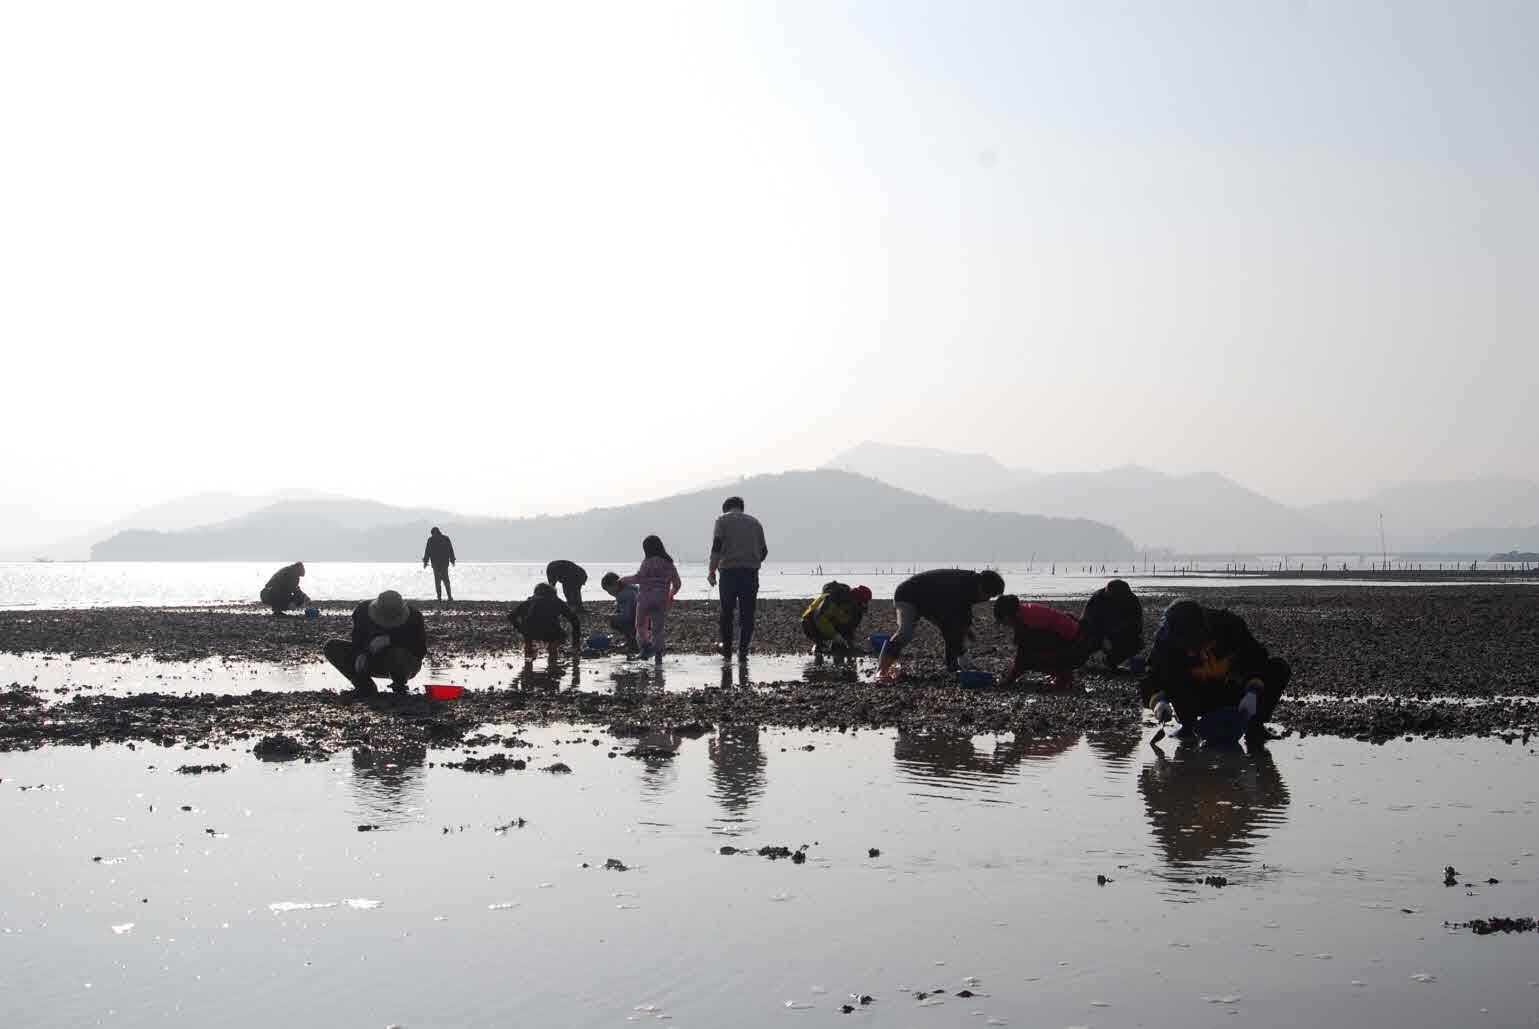 [수문마을]수문어촌체험마을 이미지입니다.